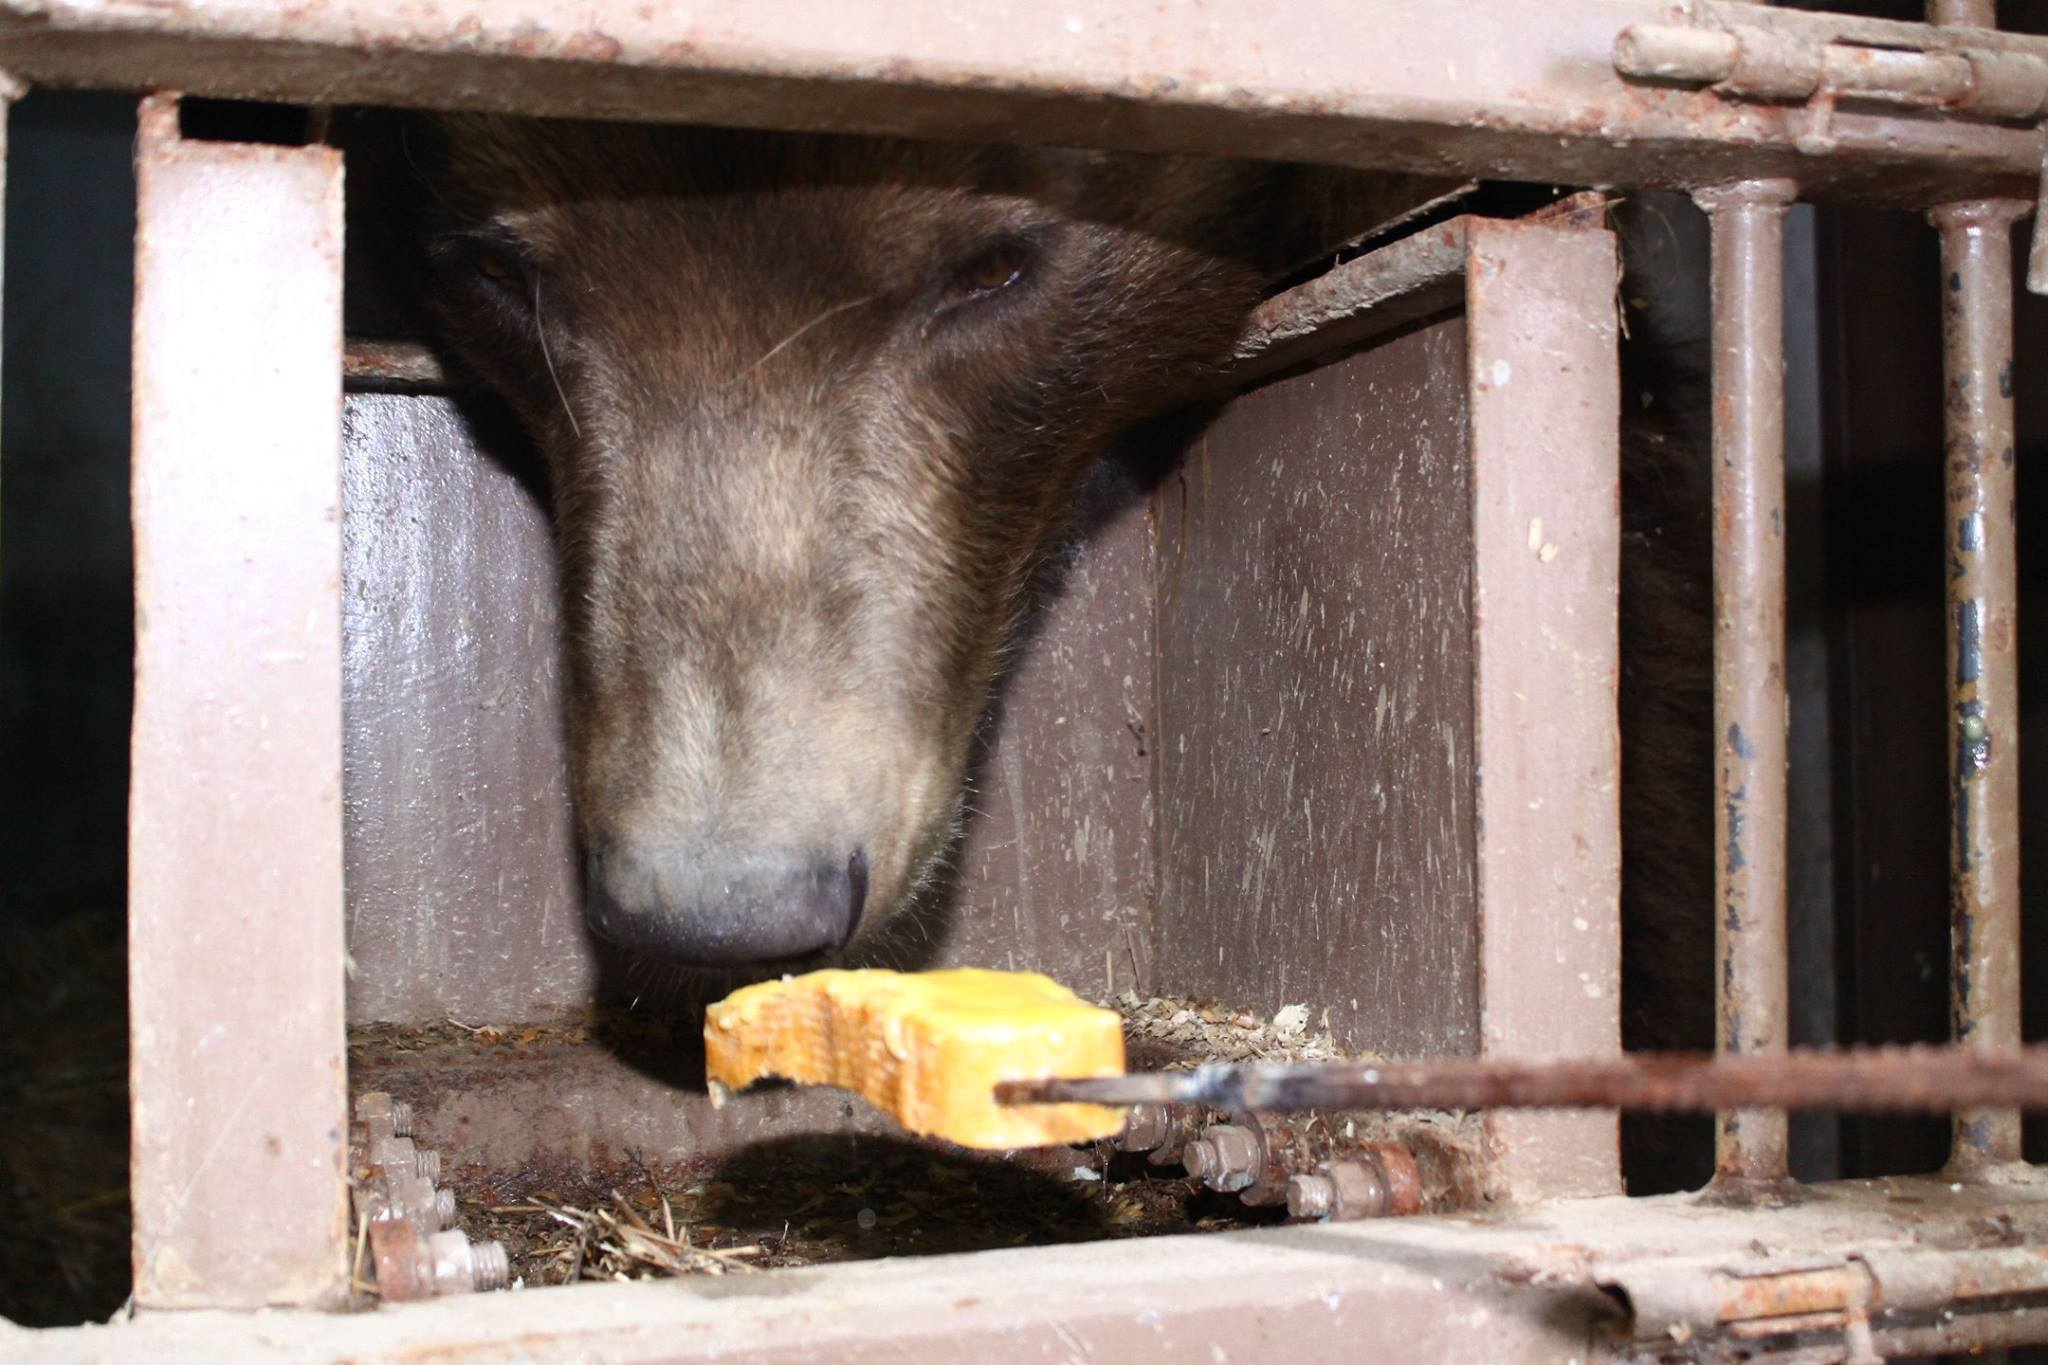 Посетители зоопарка под Киевом едва не убили медведя